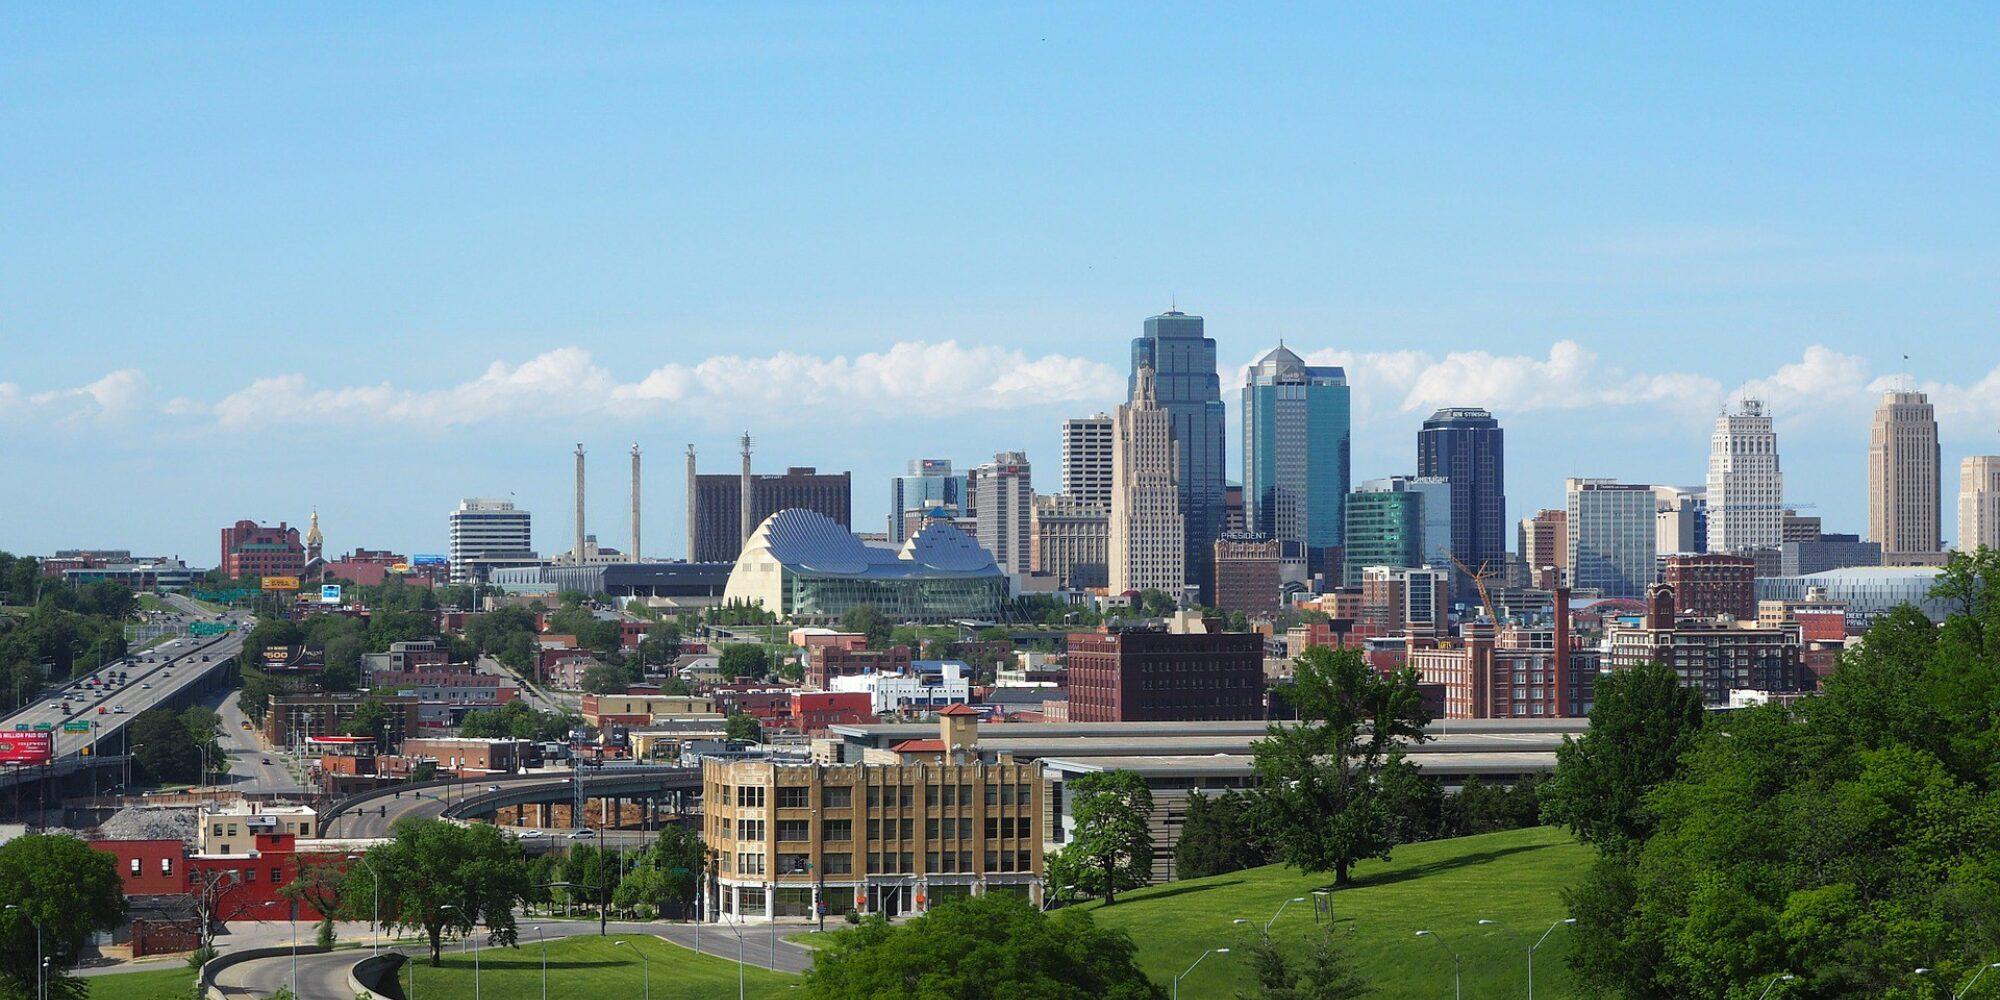 Kansas city 1380036 1920